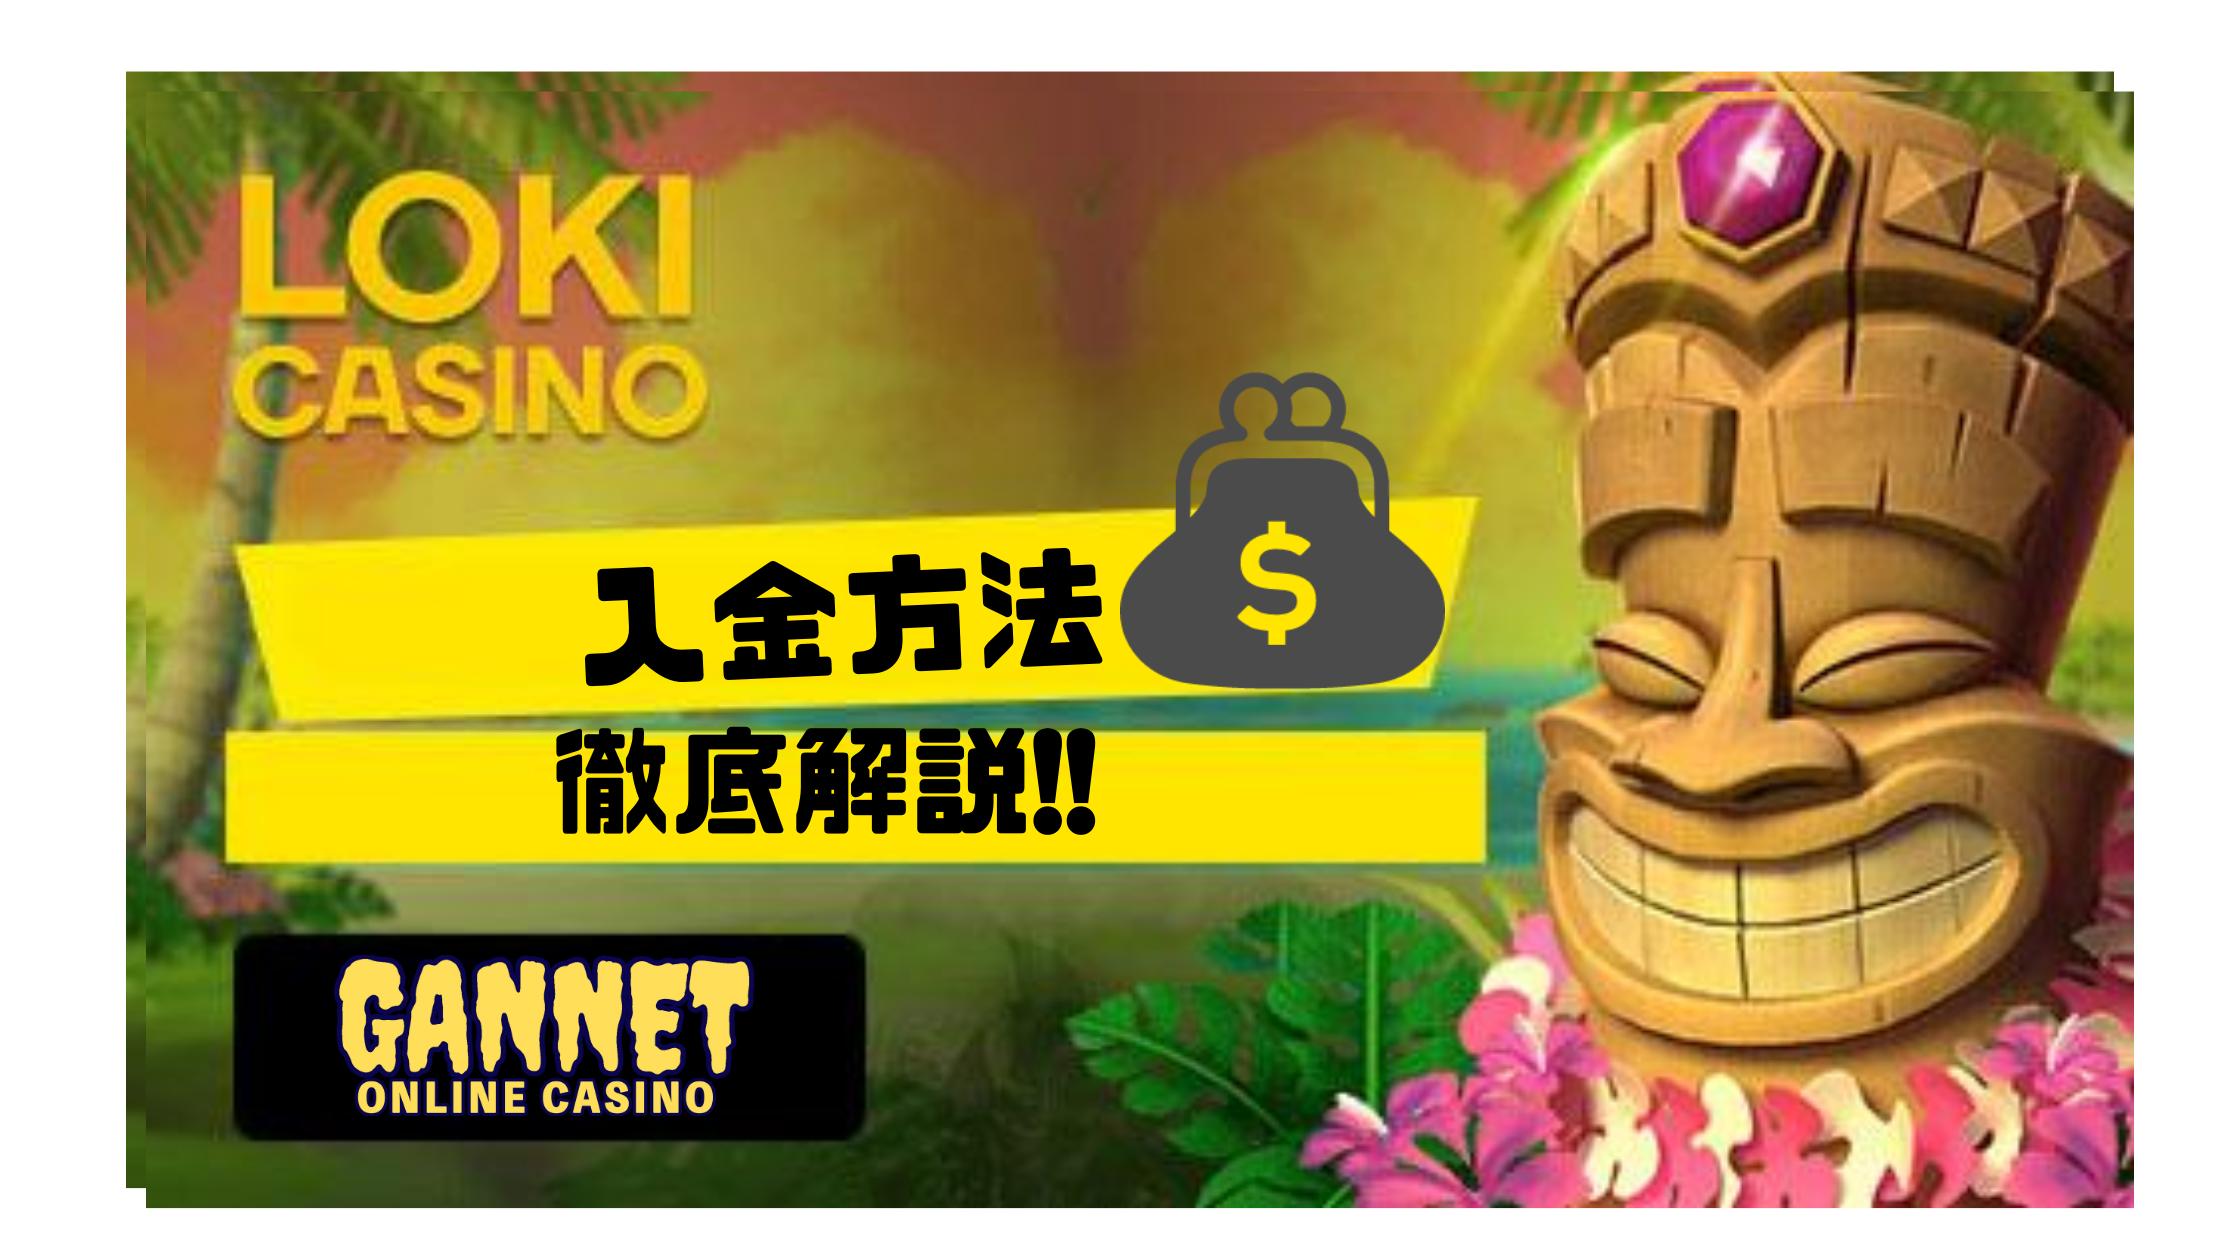 ロキカジノ 入金方法